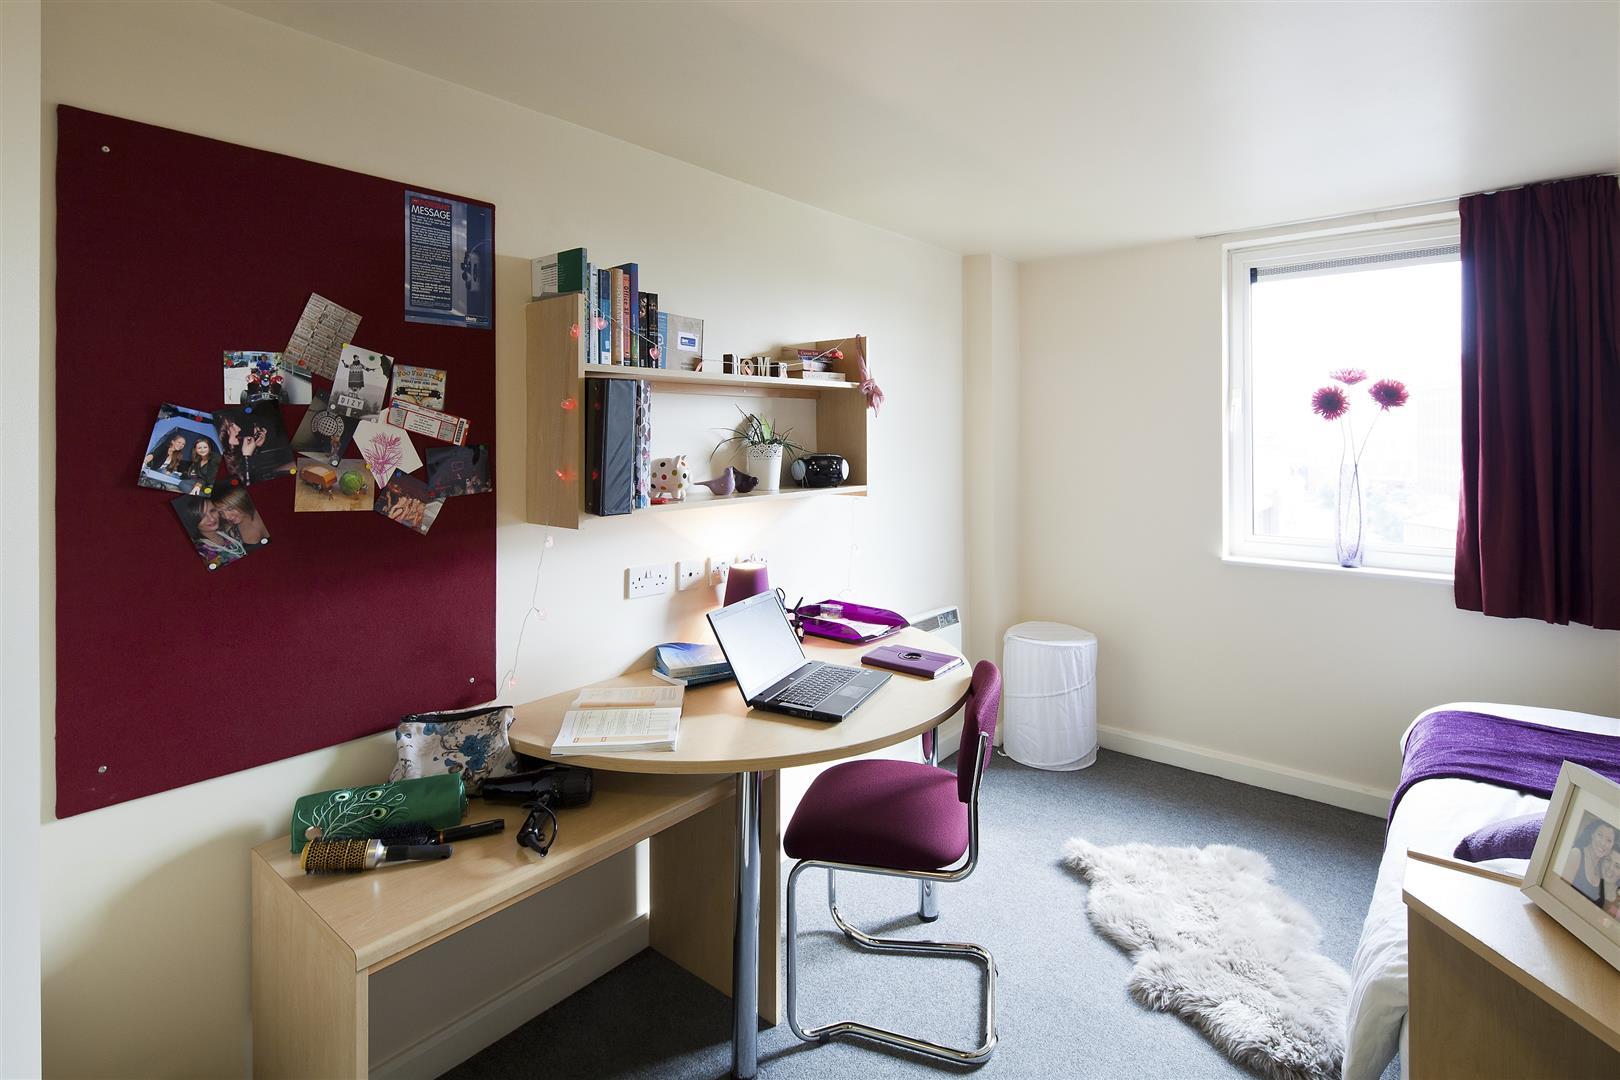 habitación de apartamento